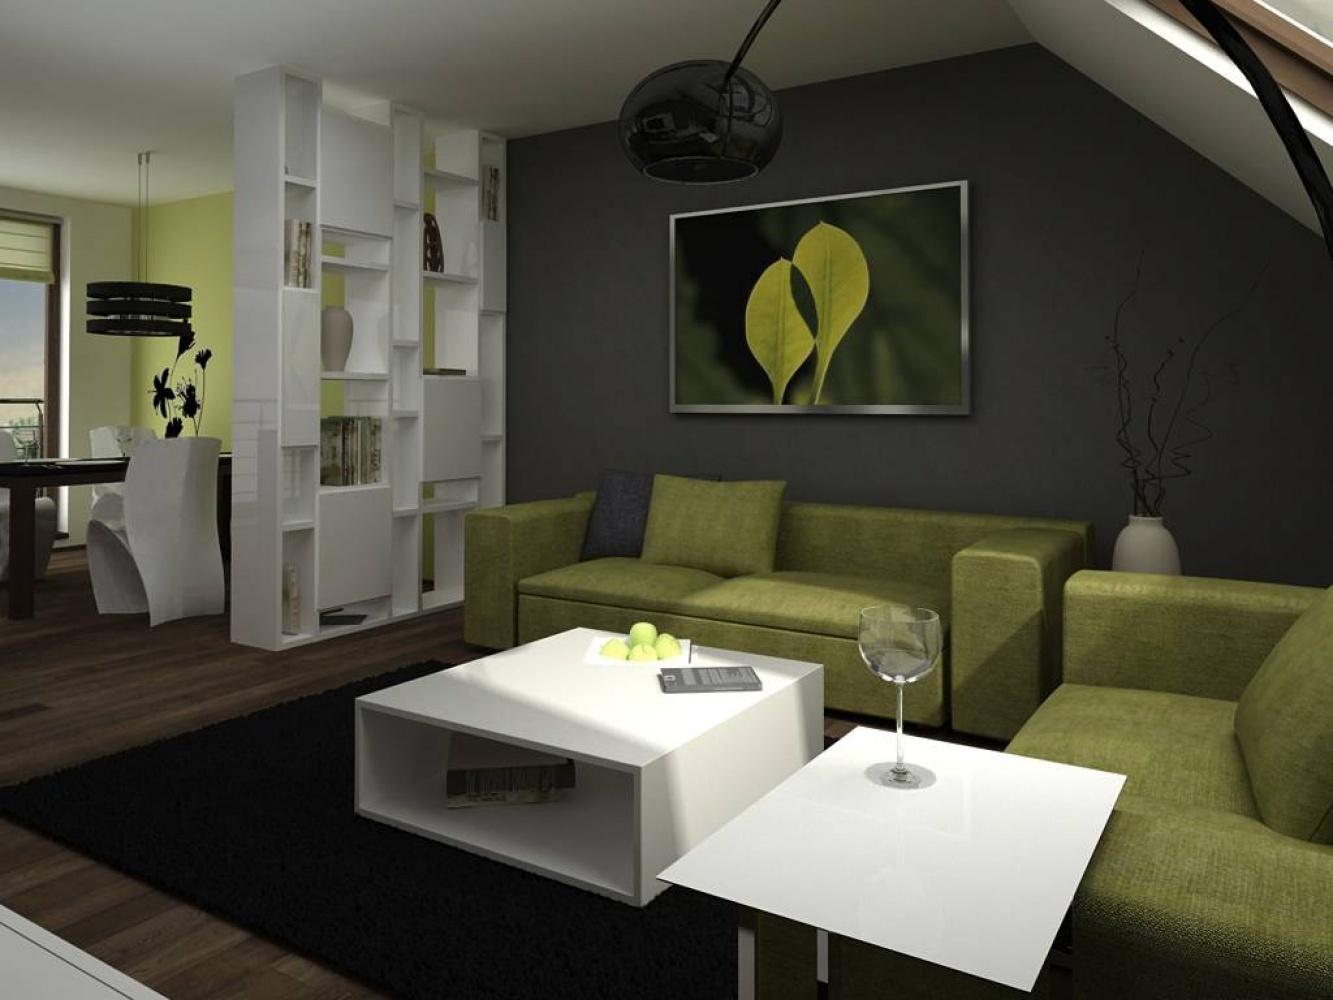 Půdní byt 3+kk, plocha 119 m², ulice Šmilovského, Praha 2 - Vinohrady | 1